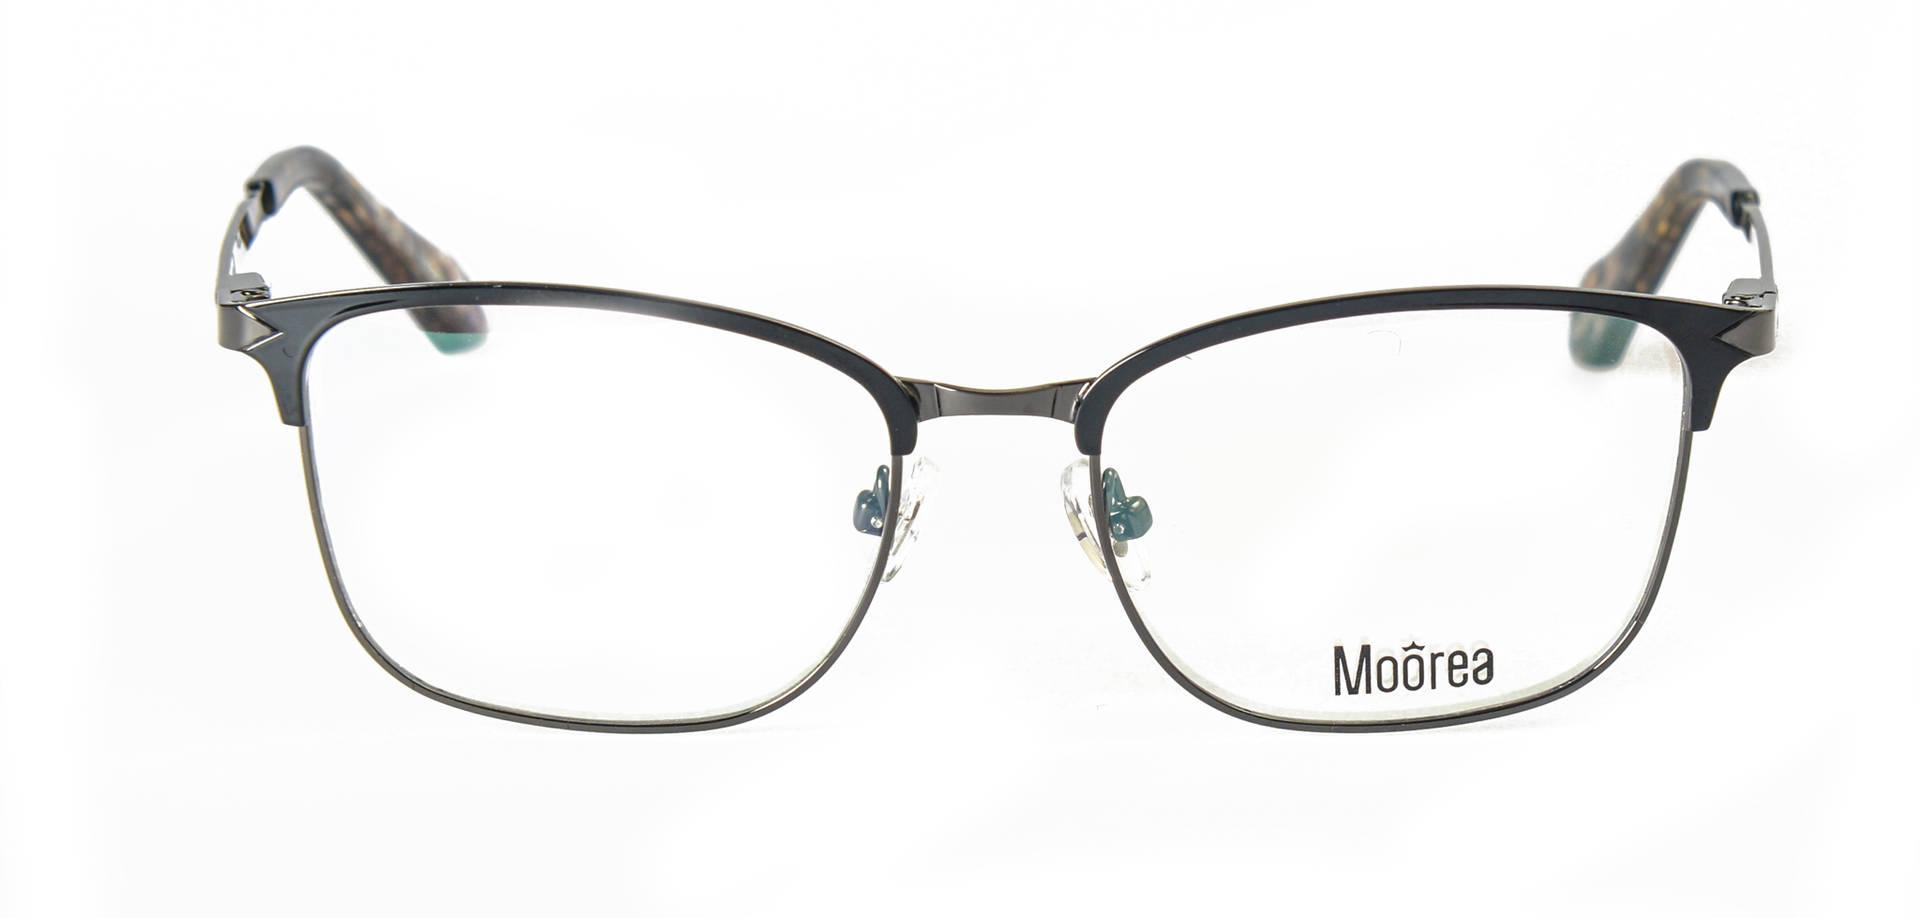 7R2-MOOREA-03 C1